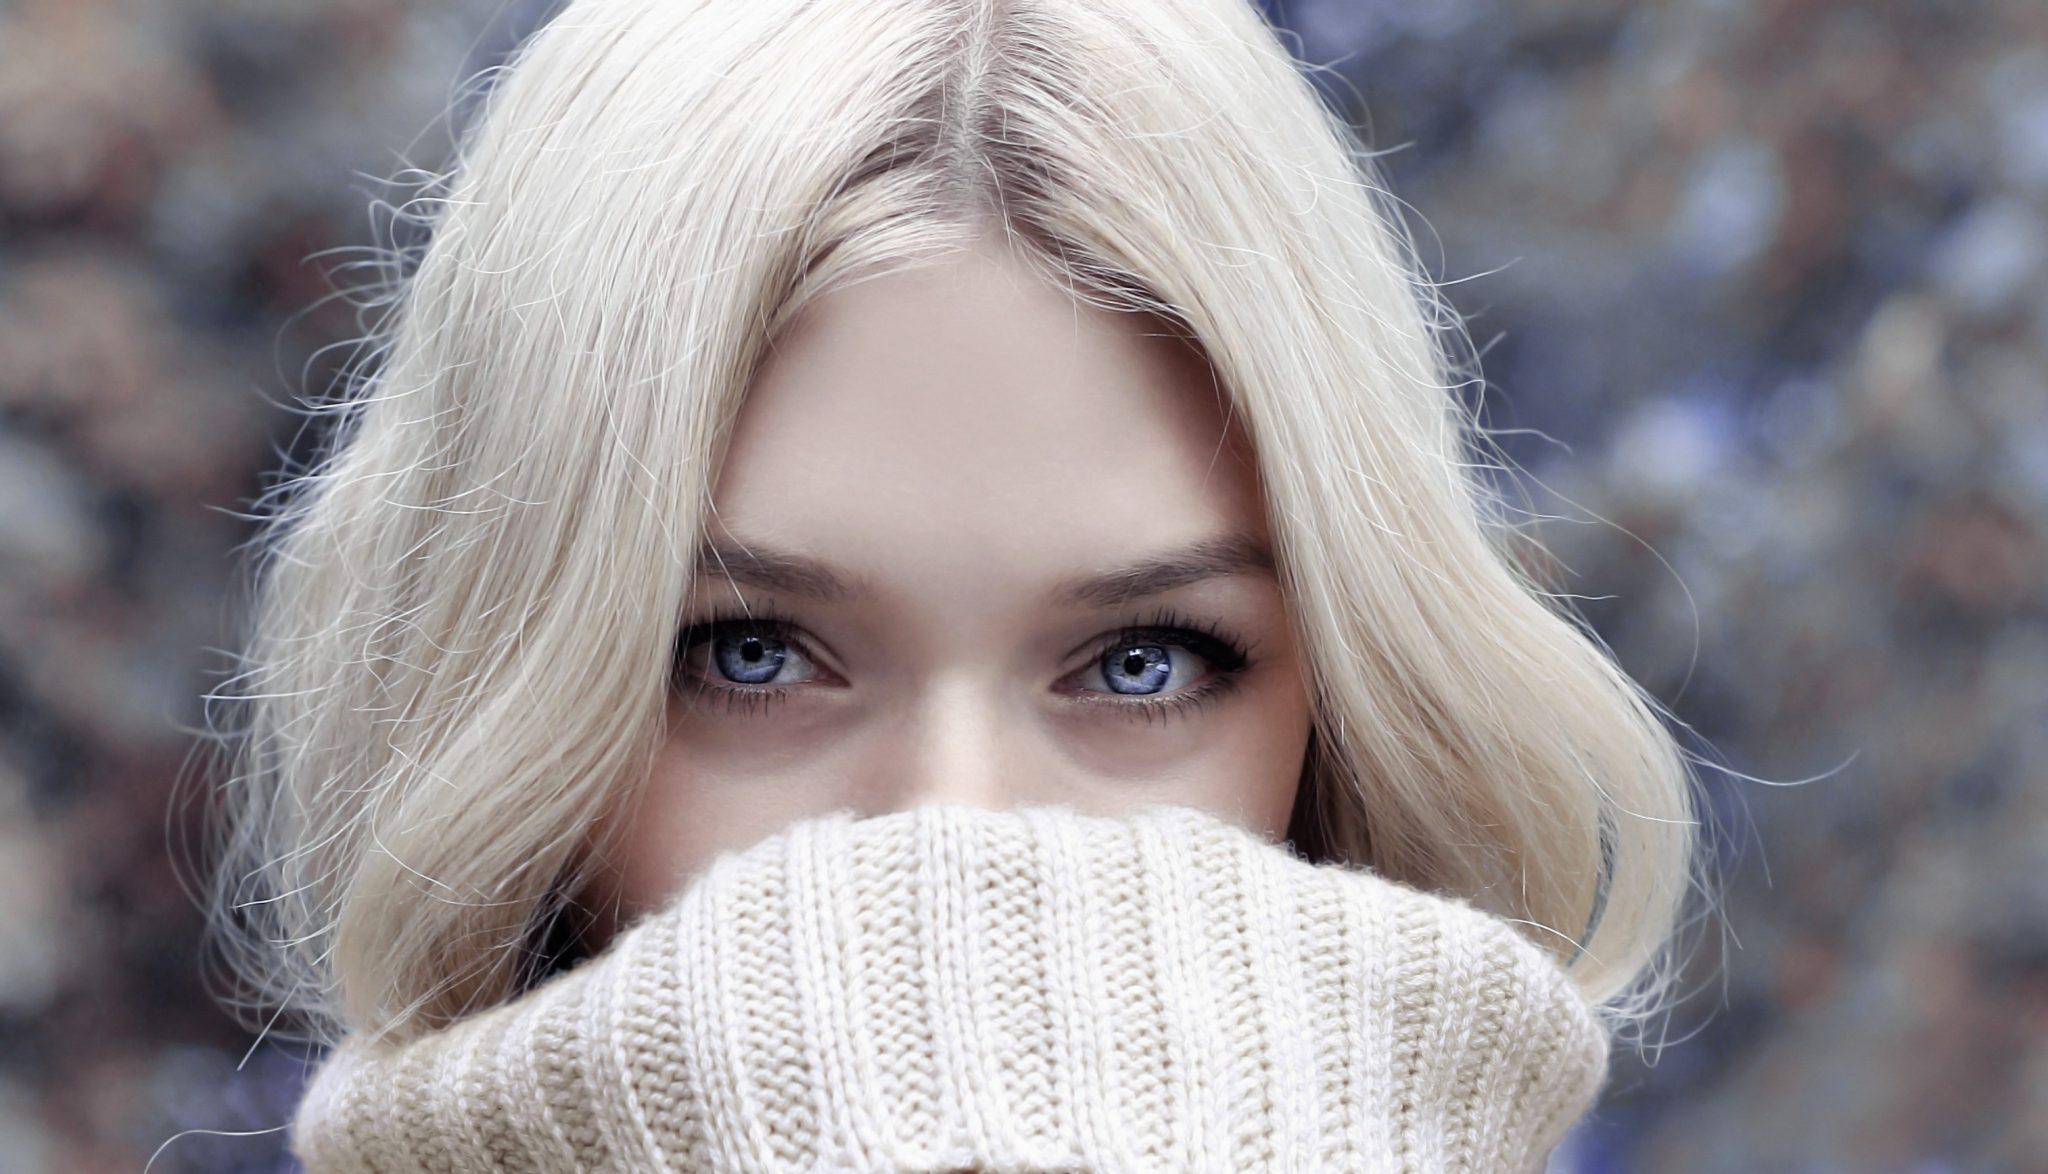 Pastreaza stralucirea blondului